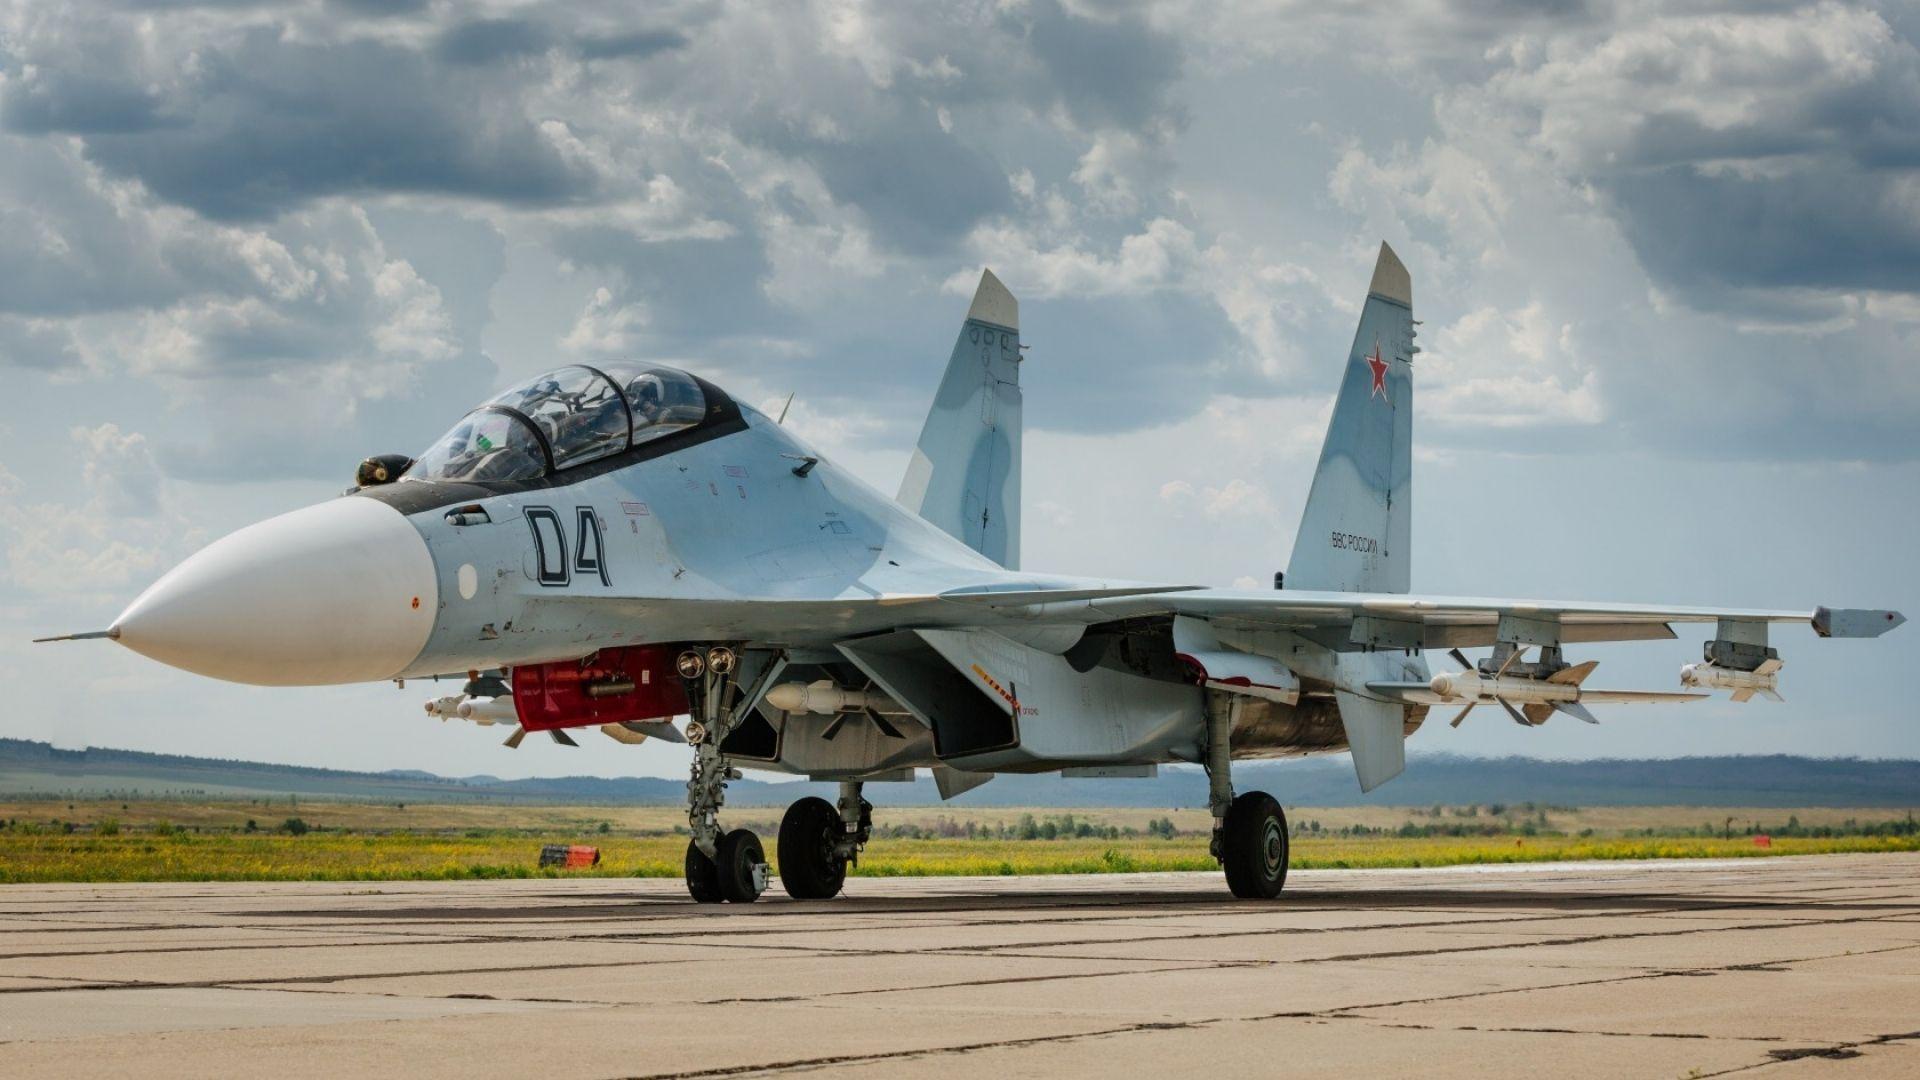 Обои Sukhoi, Su-30sm, истребитель, многоцелевой. Авиация foto 15